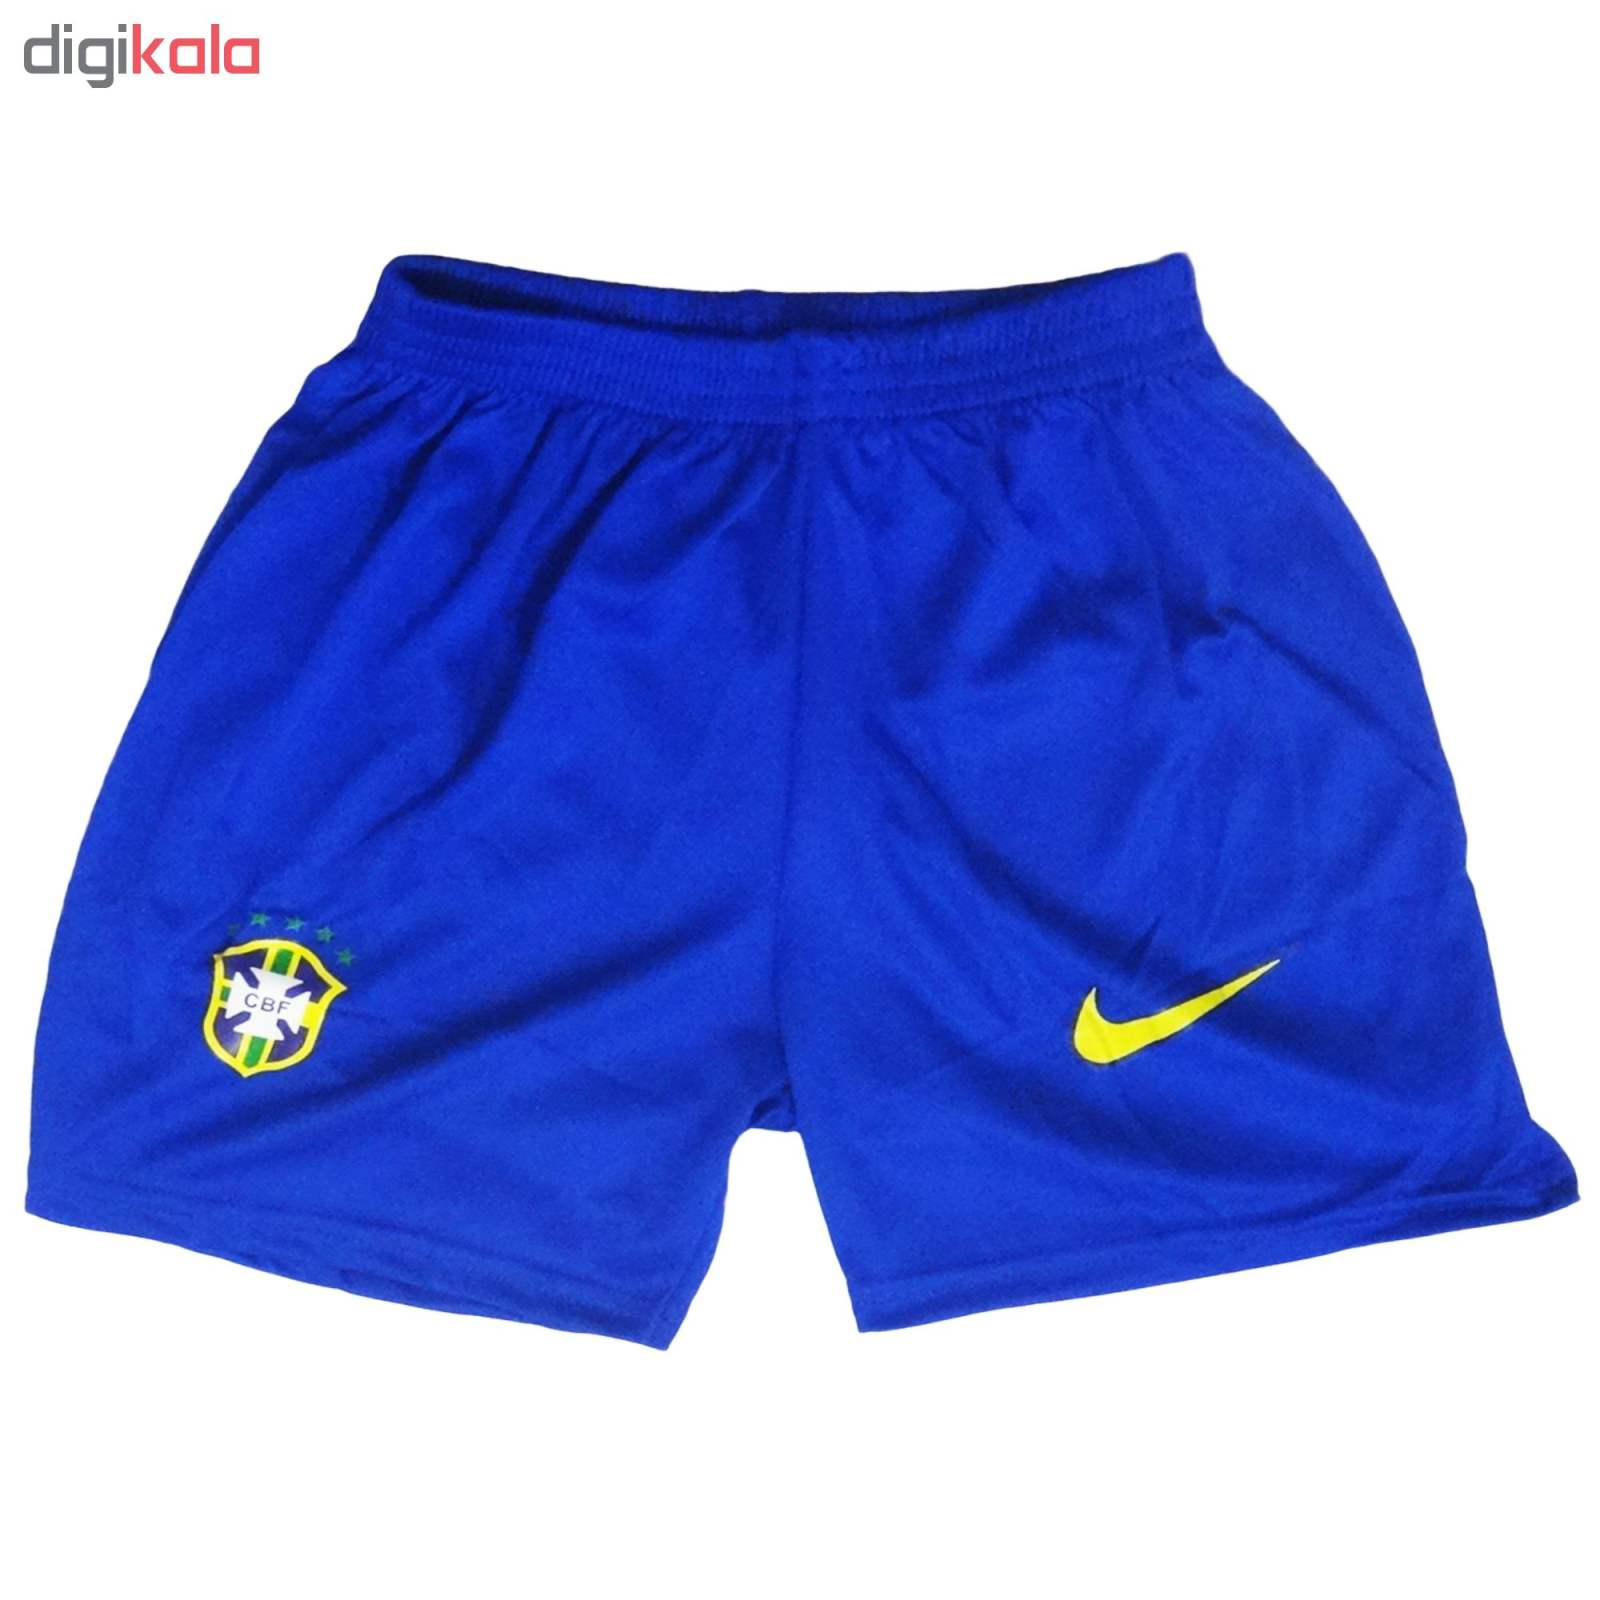 ست پیراهن و شورت ورزشی پسرانه طرح تیم ملی برزیل کد 2018 main 1 3